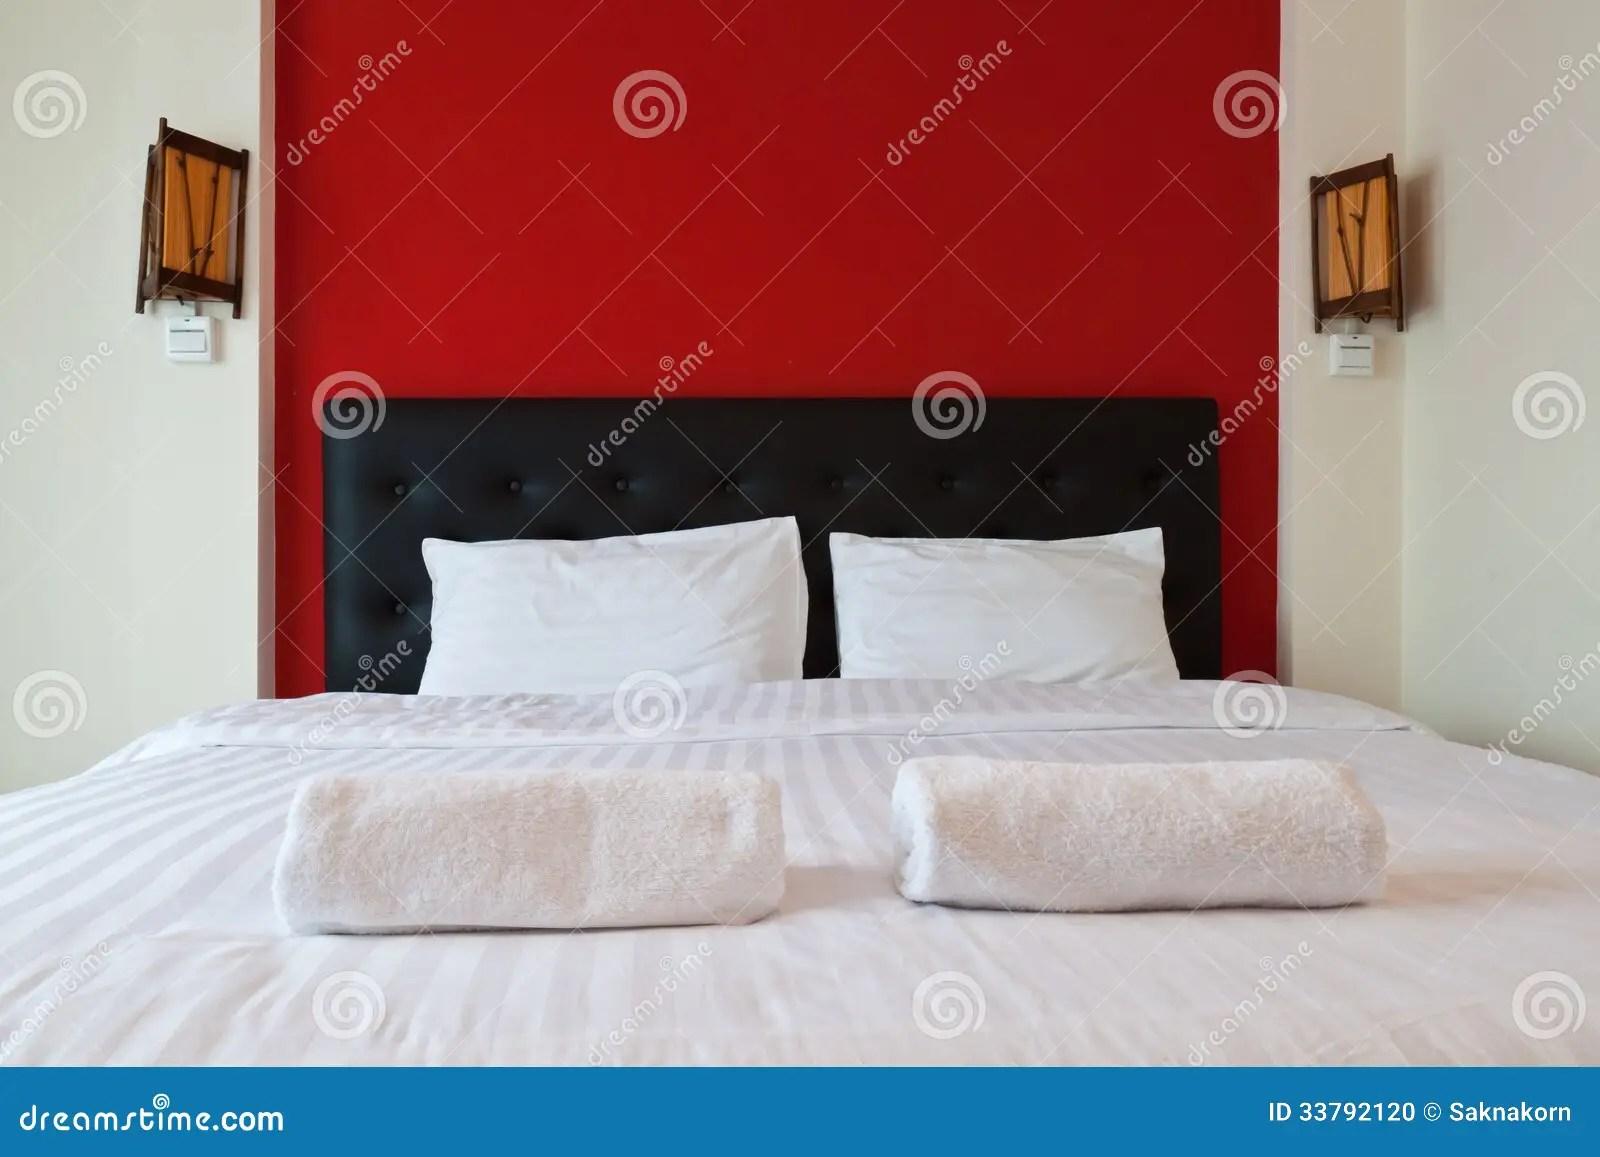 Slaapkamer Met Rode Muur Handdoek Op Het Bed Stock Foto